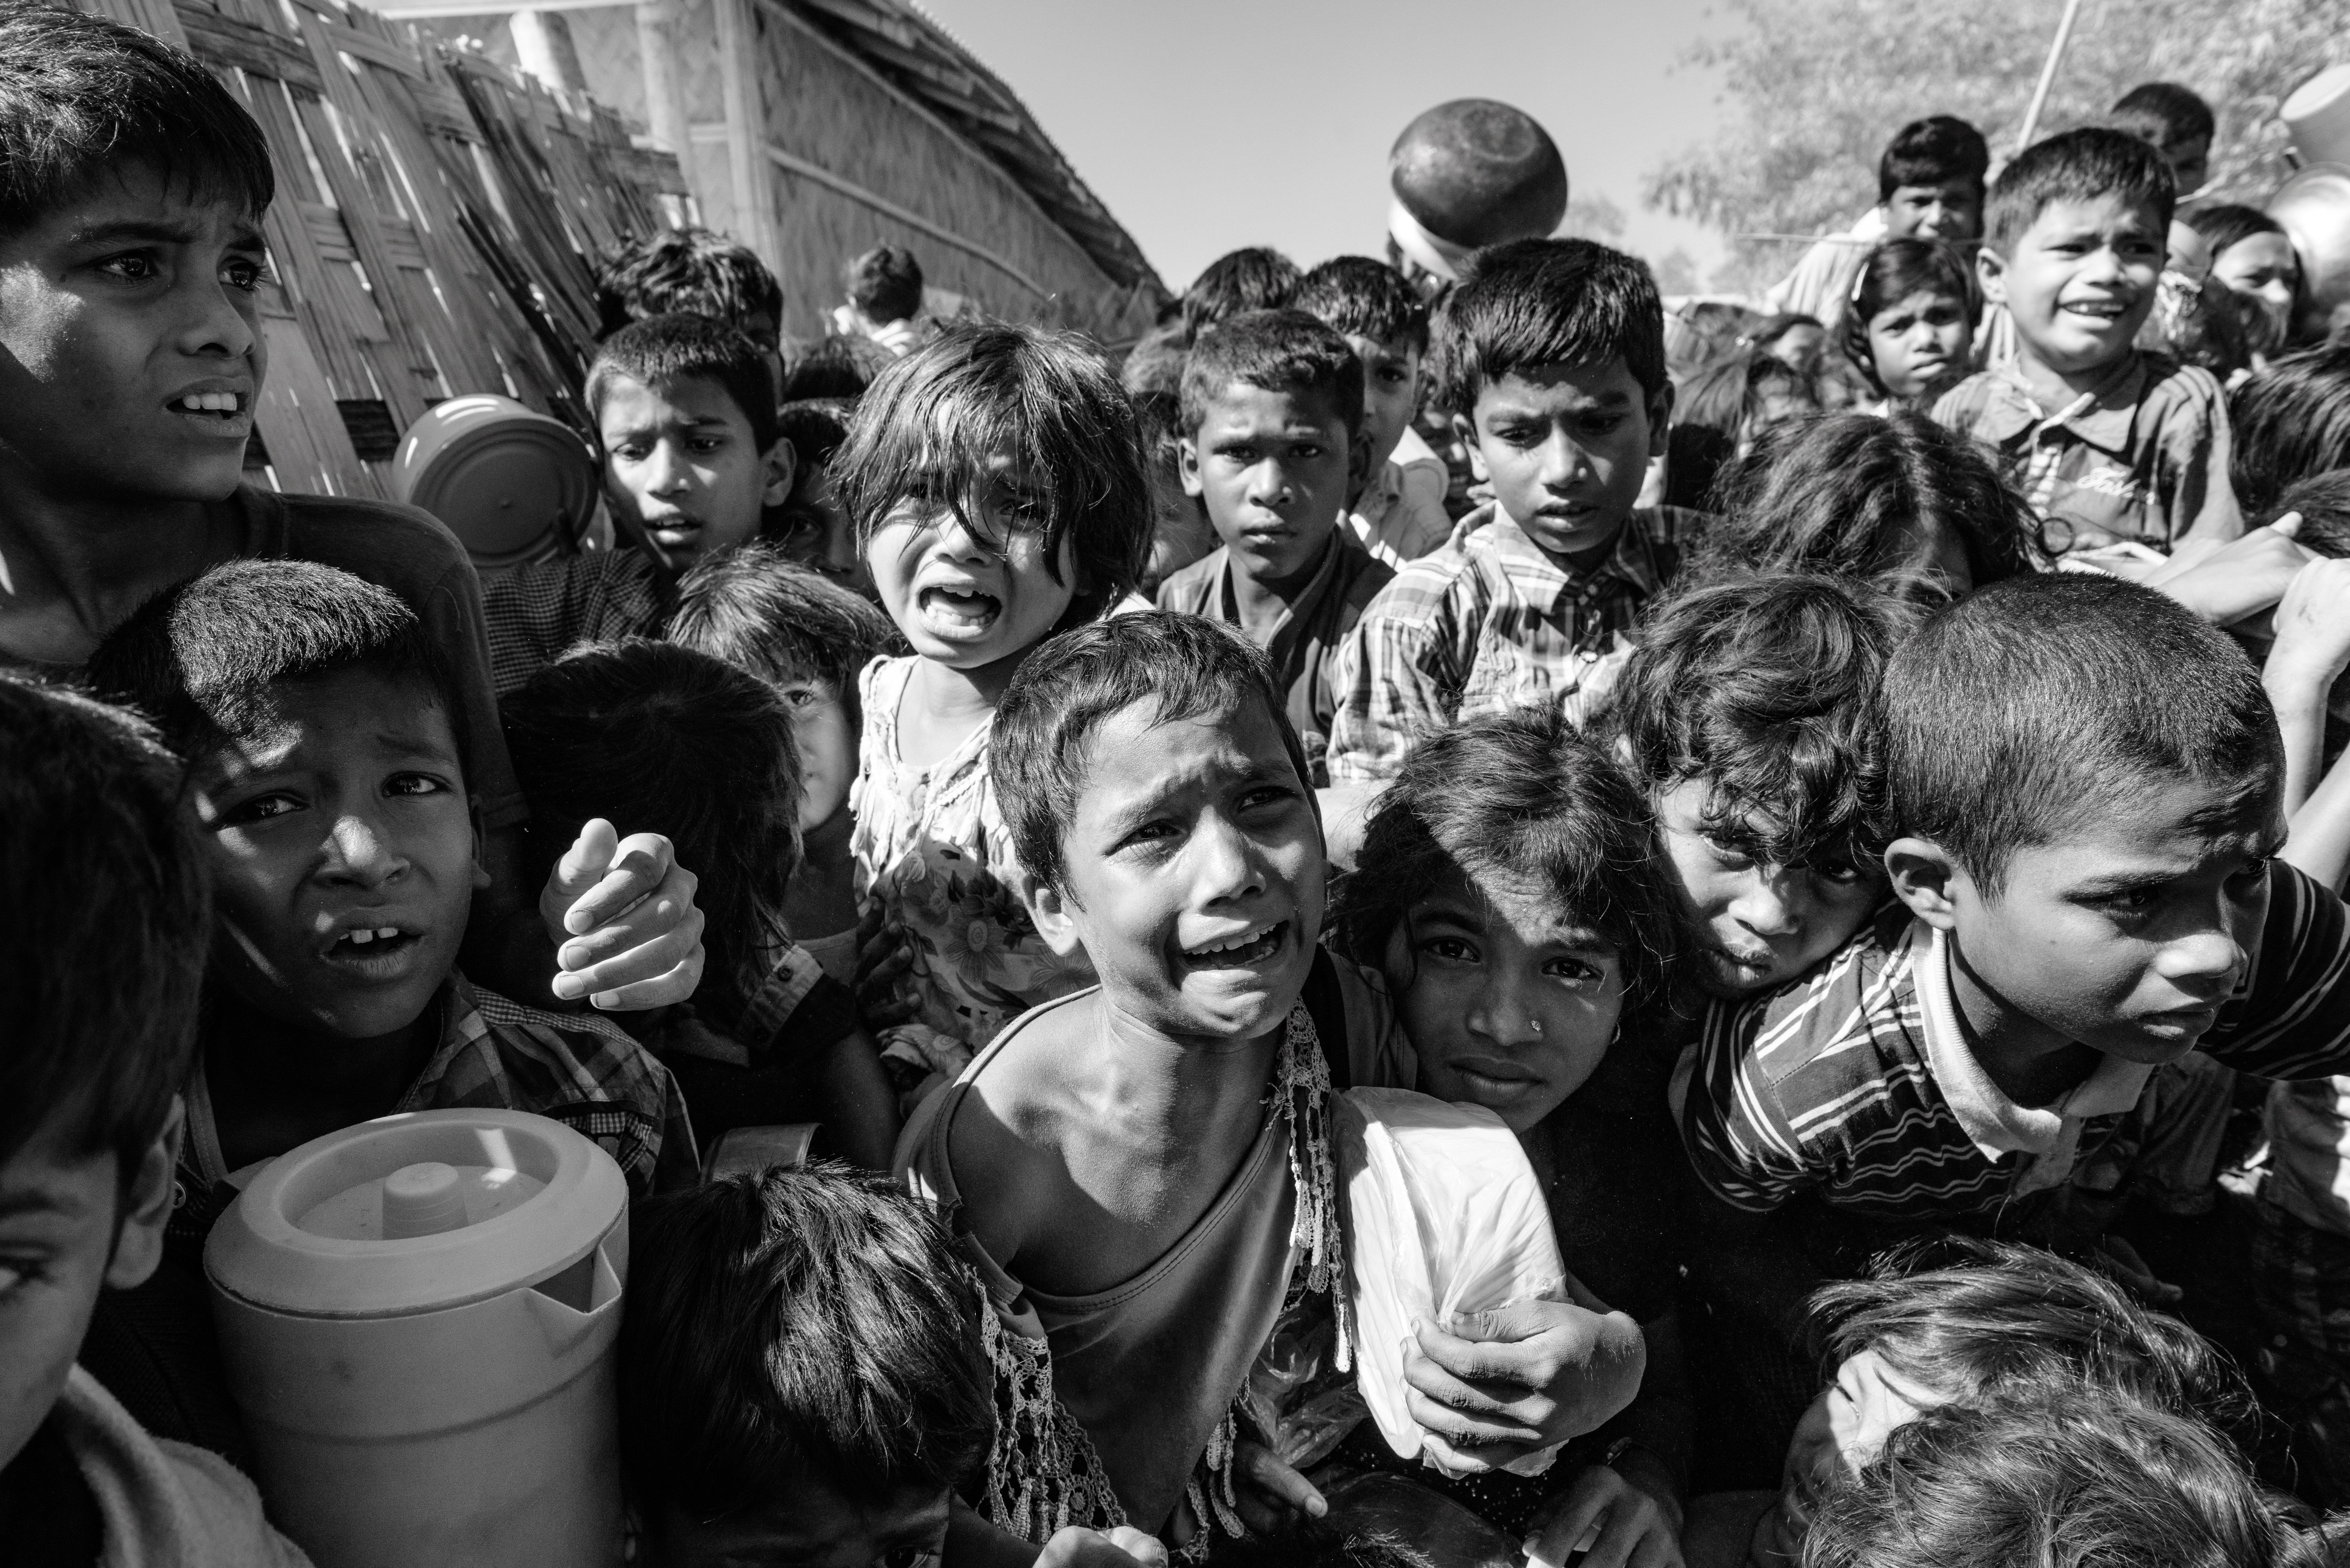 Myanmar may be guilty of Rohingya genocide